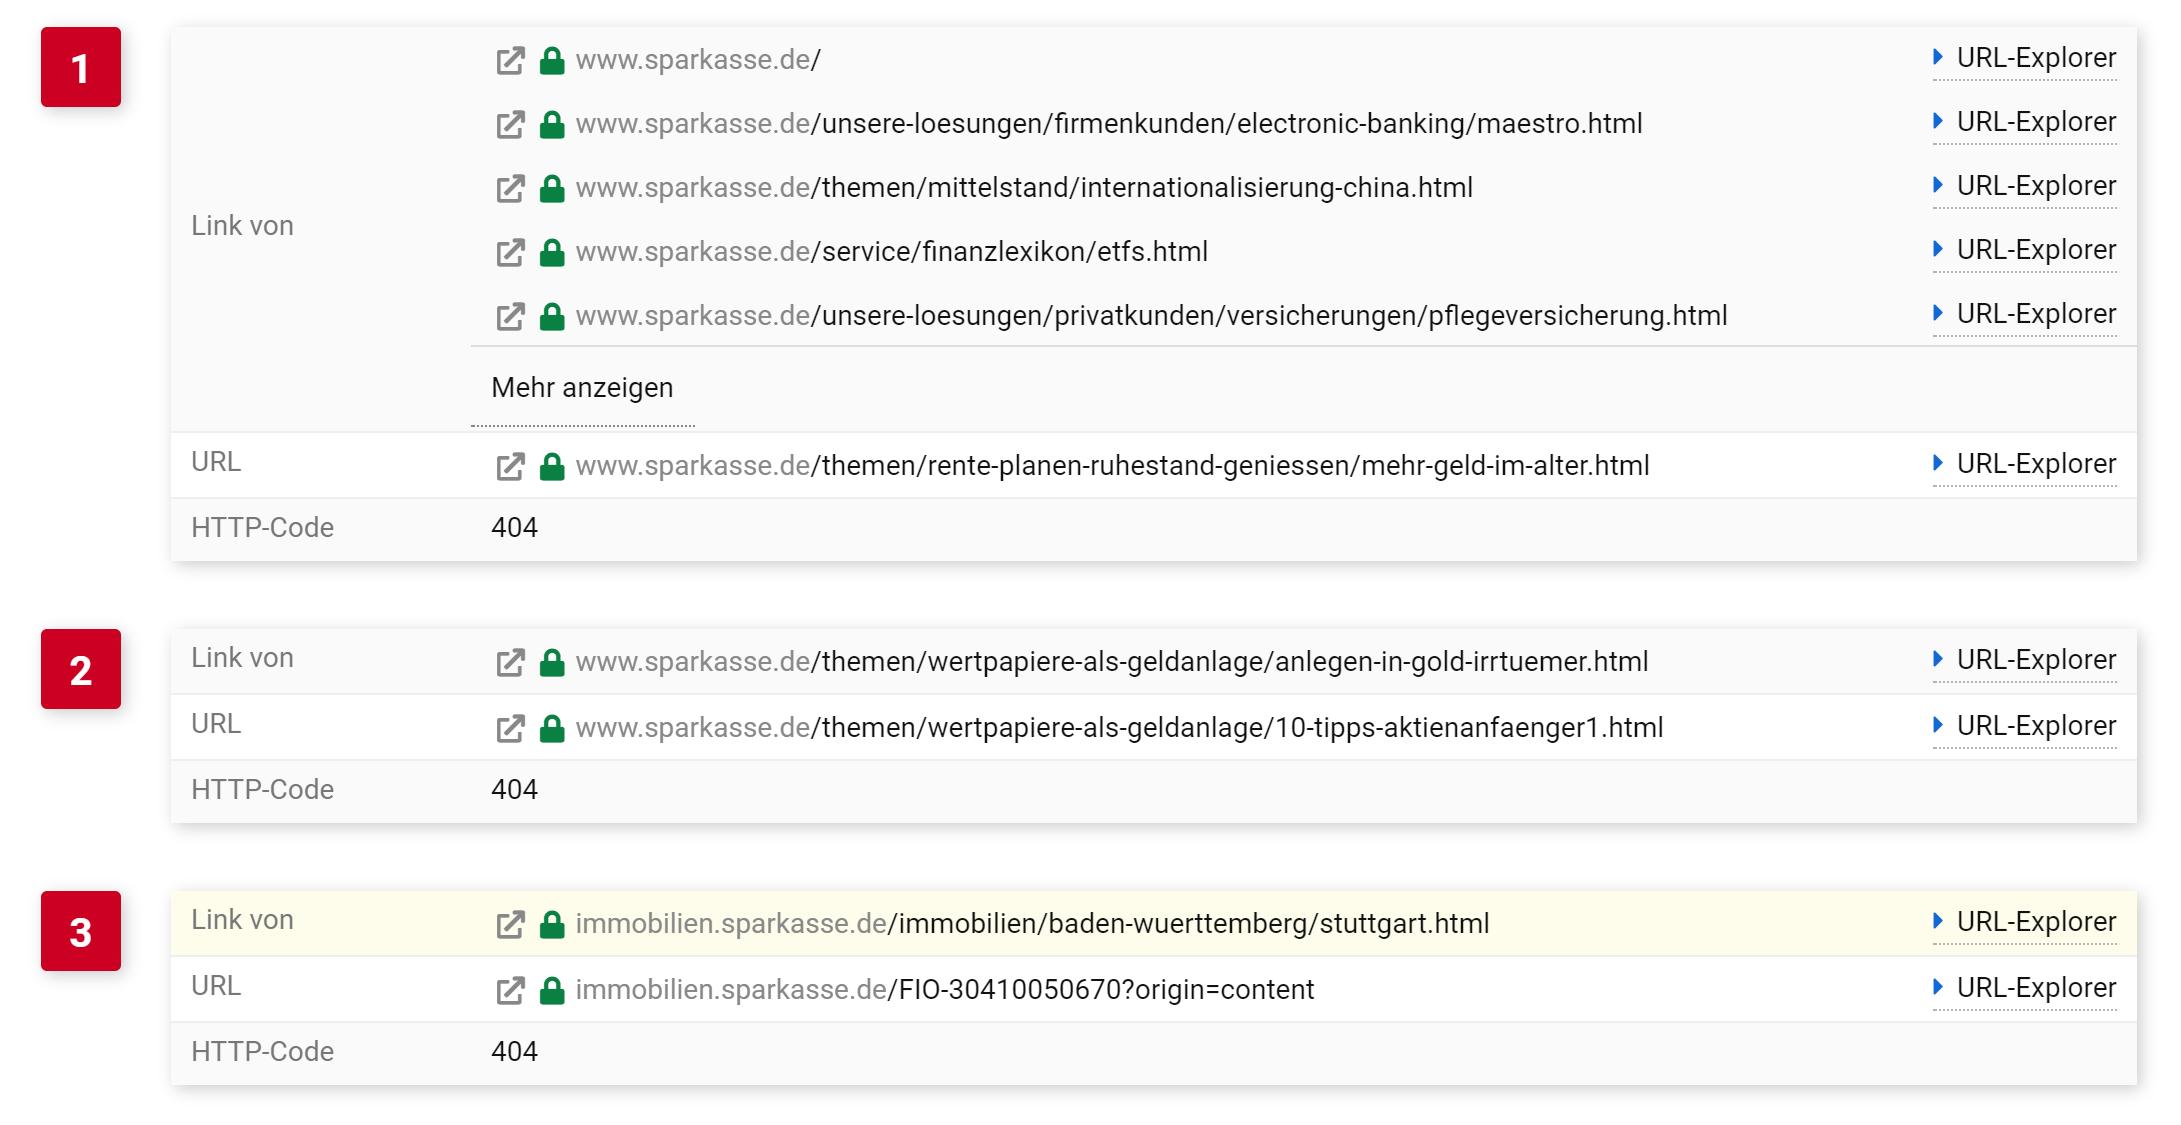 """Detailansicht des """"Seite nicht gefunden"""" Fehlers im SISTRIX Optimizer. Gezeigt wird, pro Fundstück, jeweils die URL auf der der Link zur 404 Seite gefunden wurde, die URL auf der der Status Code 404 erhalten wurde sowie der Status Code selbst."""